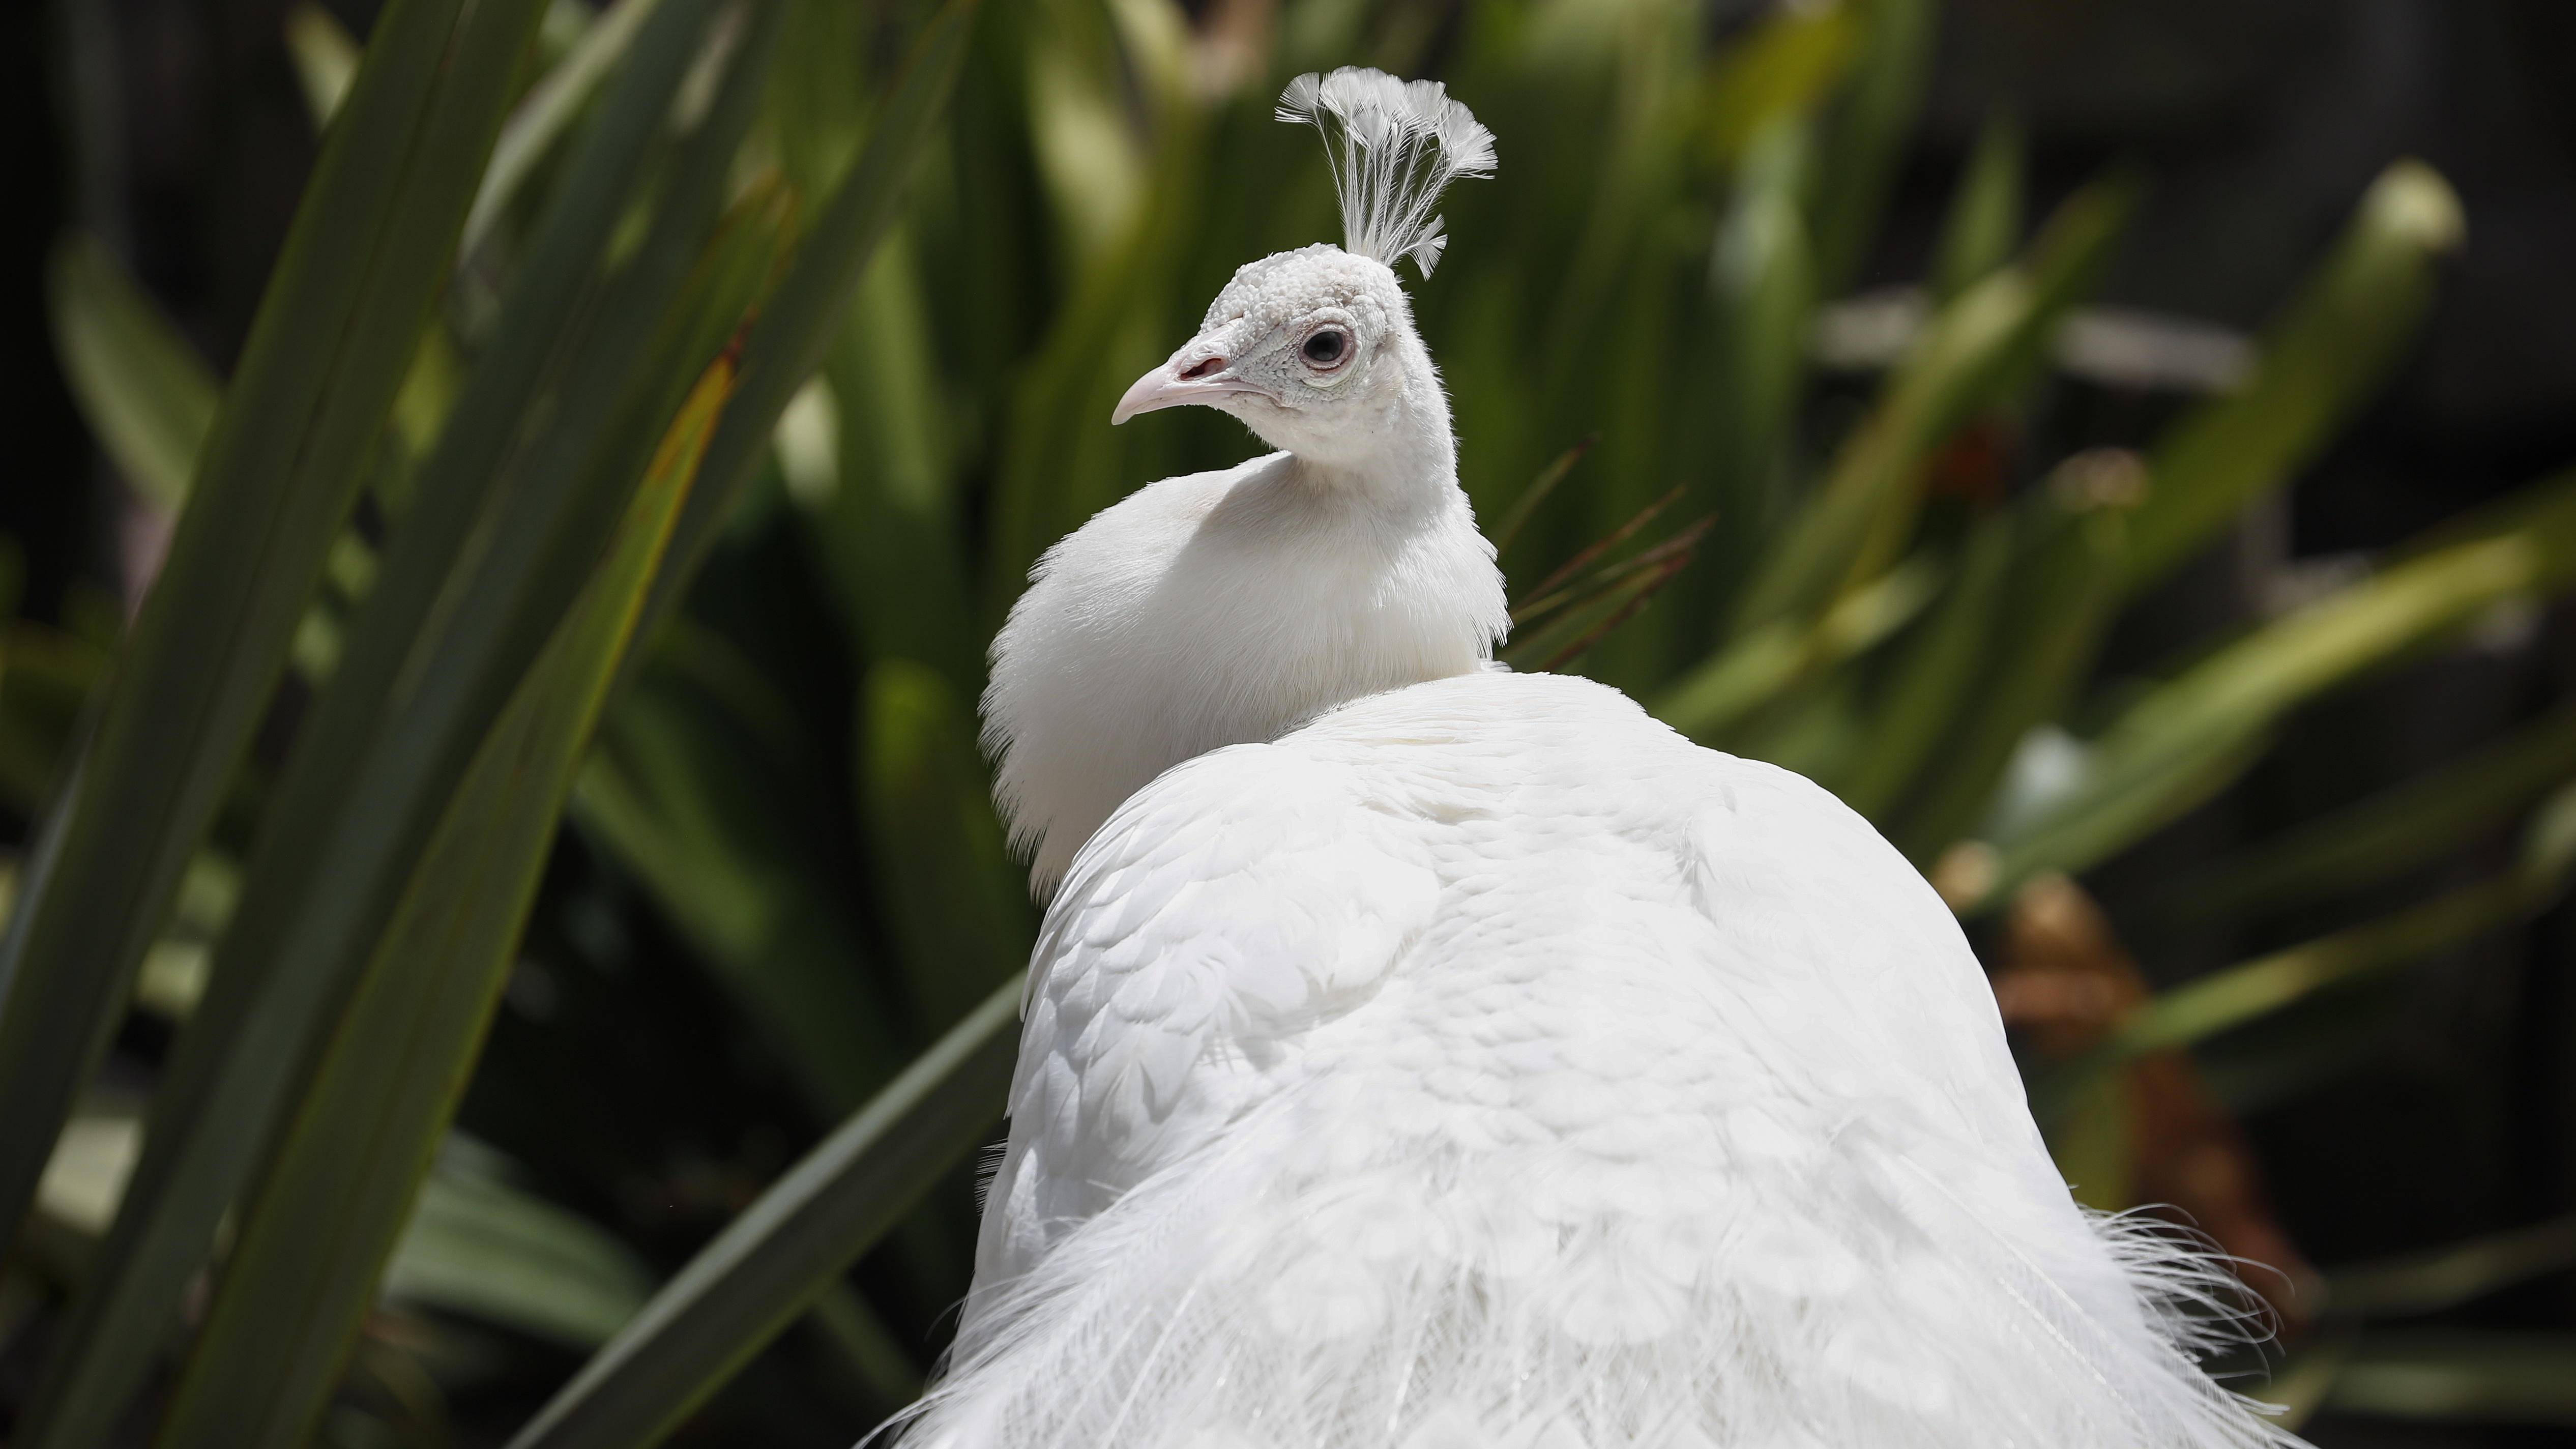 """Резерват за дива природа """"Светът на птиците"""" е зоопарк в Хаут Бей, предградие на Кейптаун, Република Южна Африка. На площ от 4 хектара са представени около 3000 екземпляра, спадащи към 400 животински вида в колекцията, от които около 330 са видове птици."""